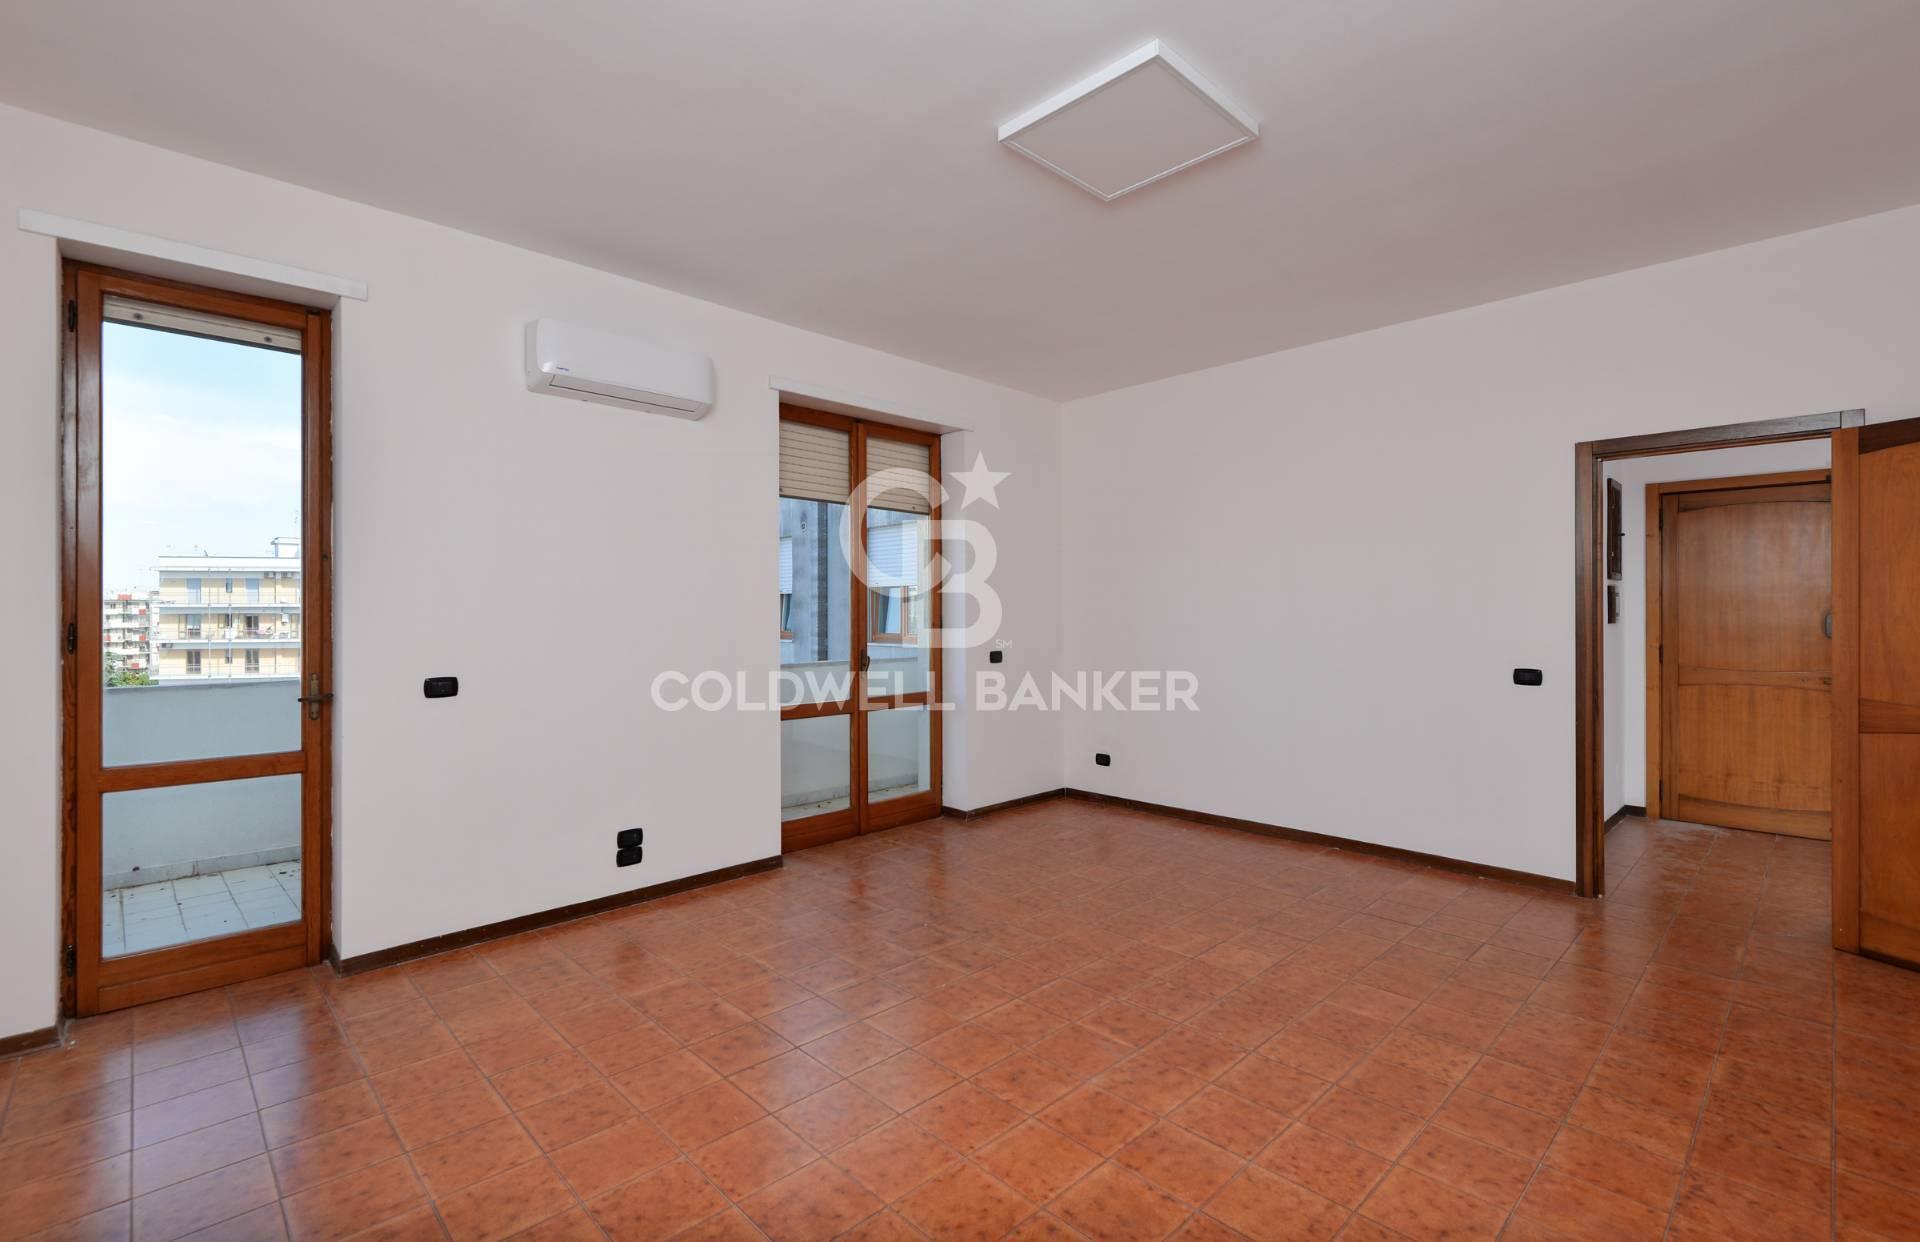 Appartamento, 140 Mq, Vendita - Lecce (Lecce)